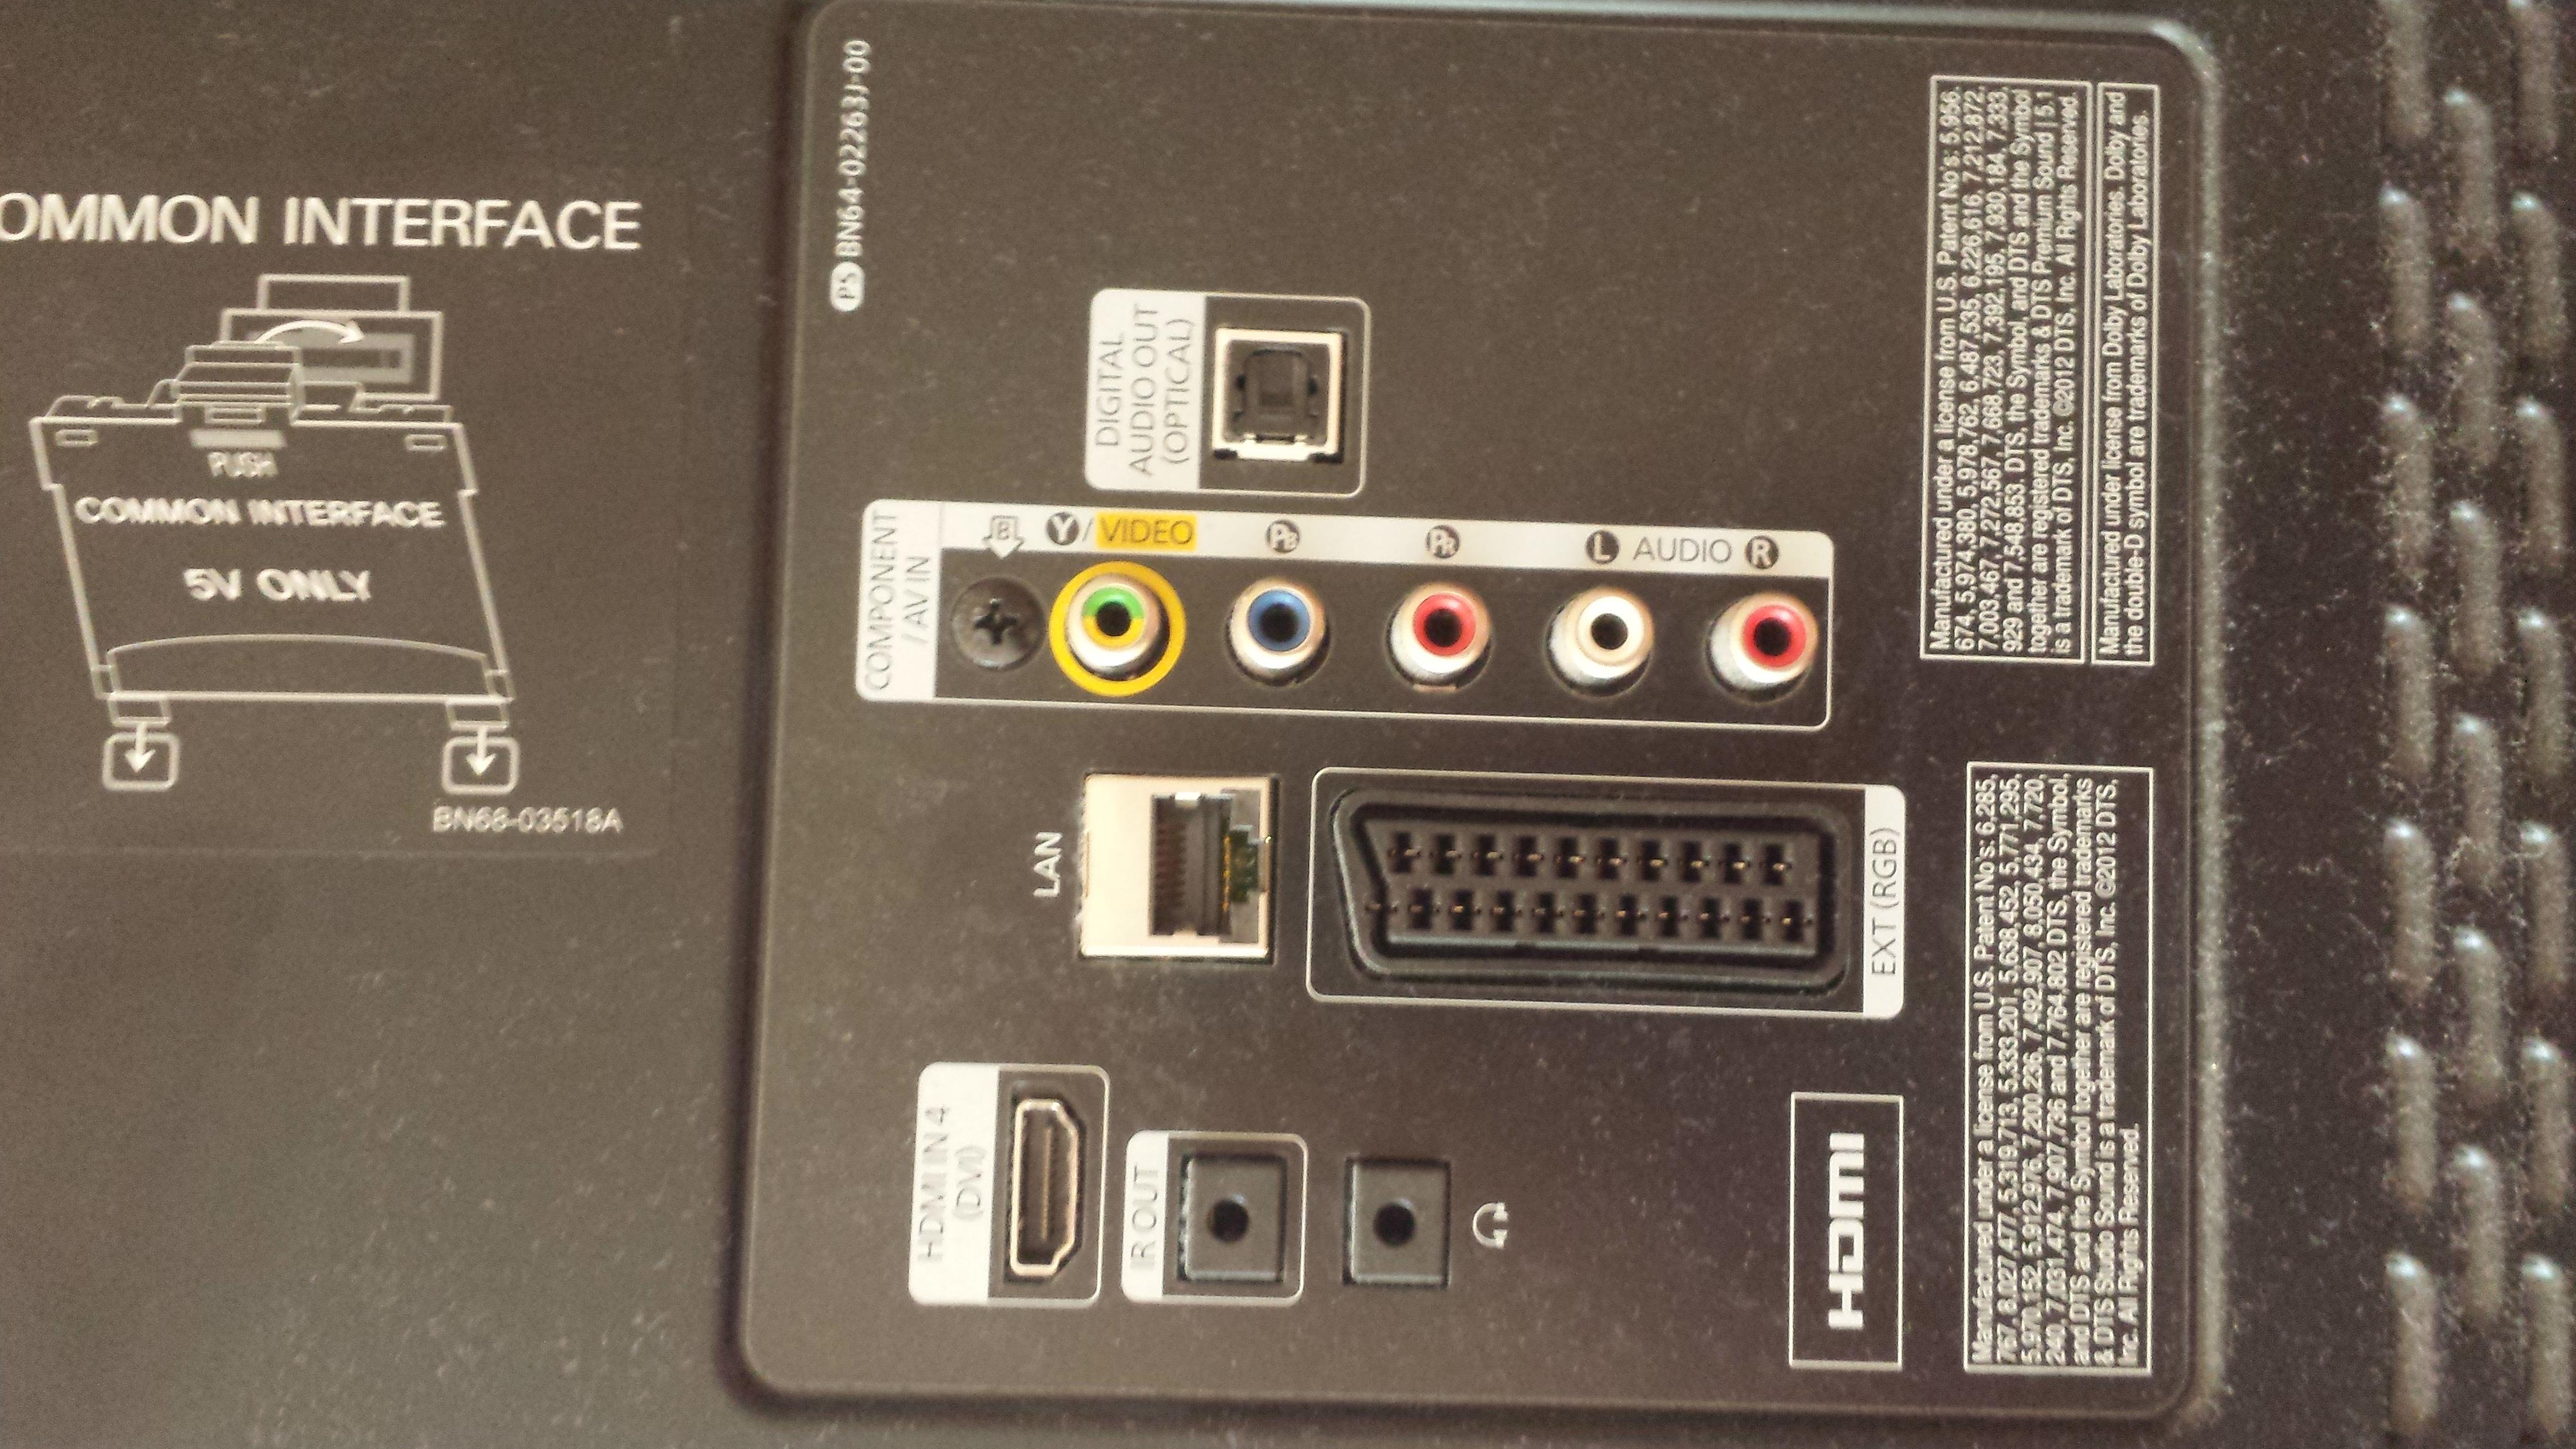 DVD bez HDMI - brak mo�liwo�ci pod��czenia g�o�nik�w